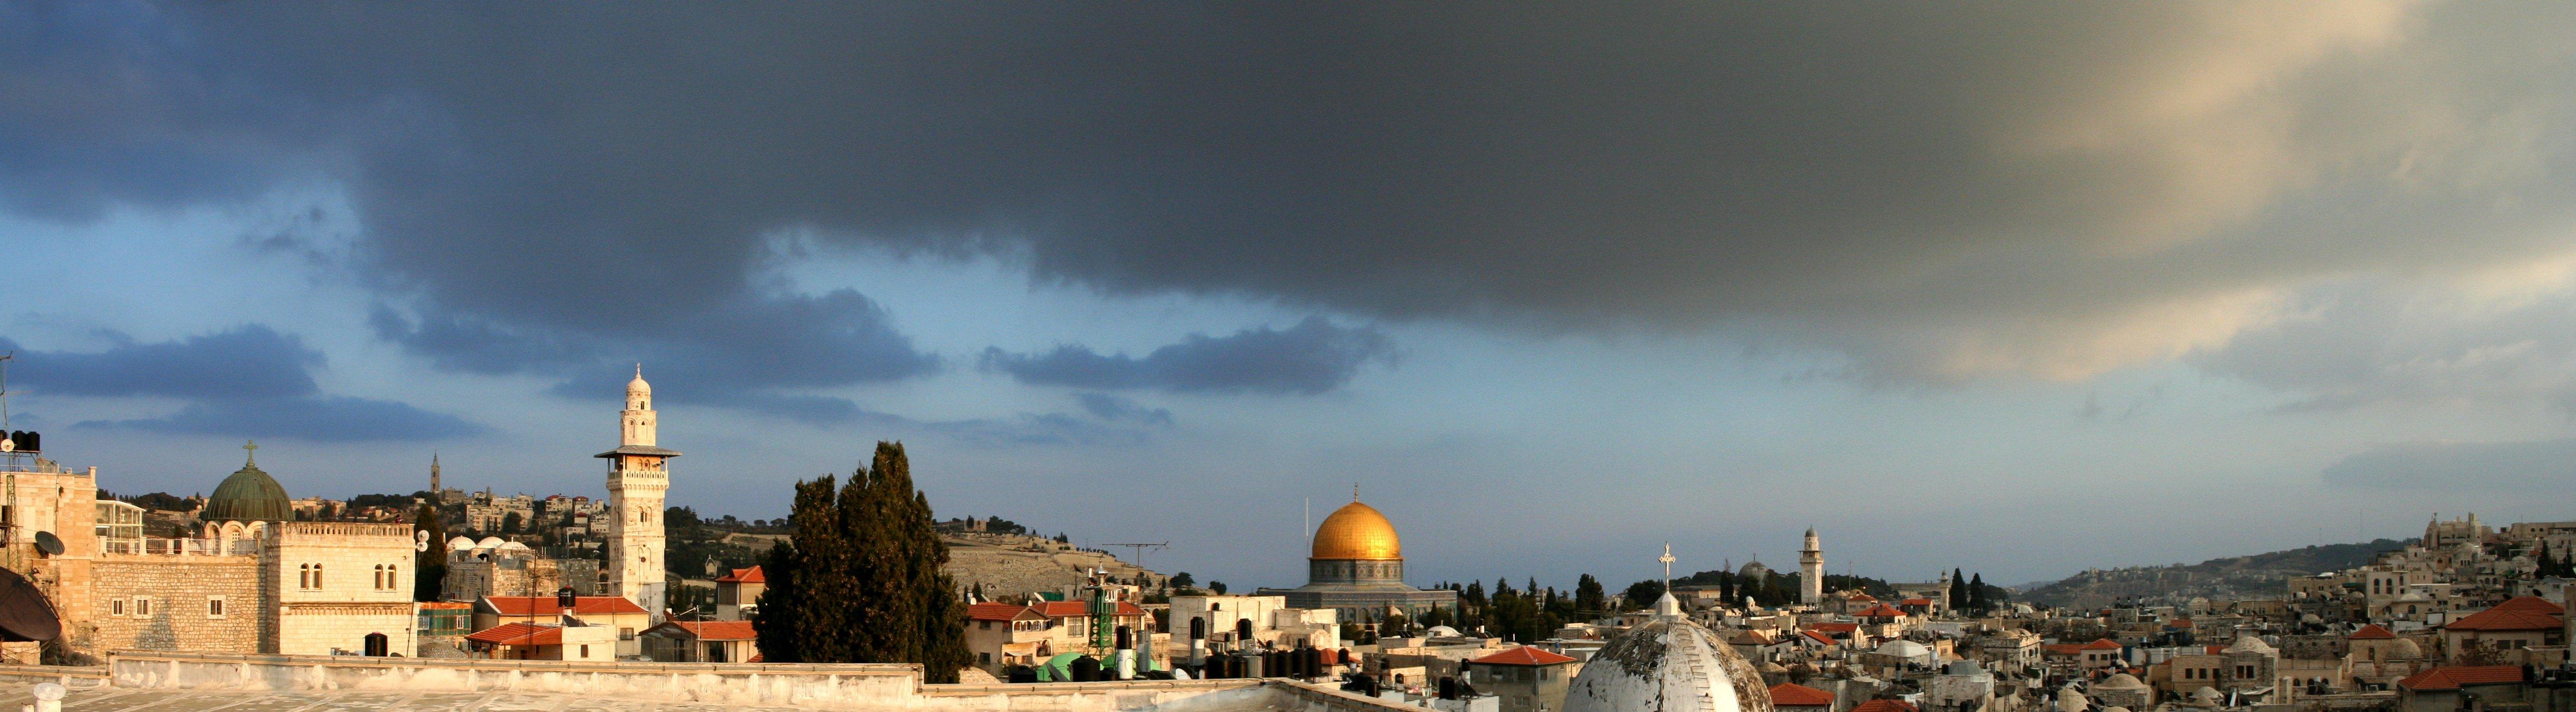 معلومات علمية وجغرافية عن مدينة القدس